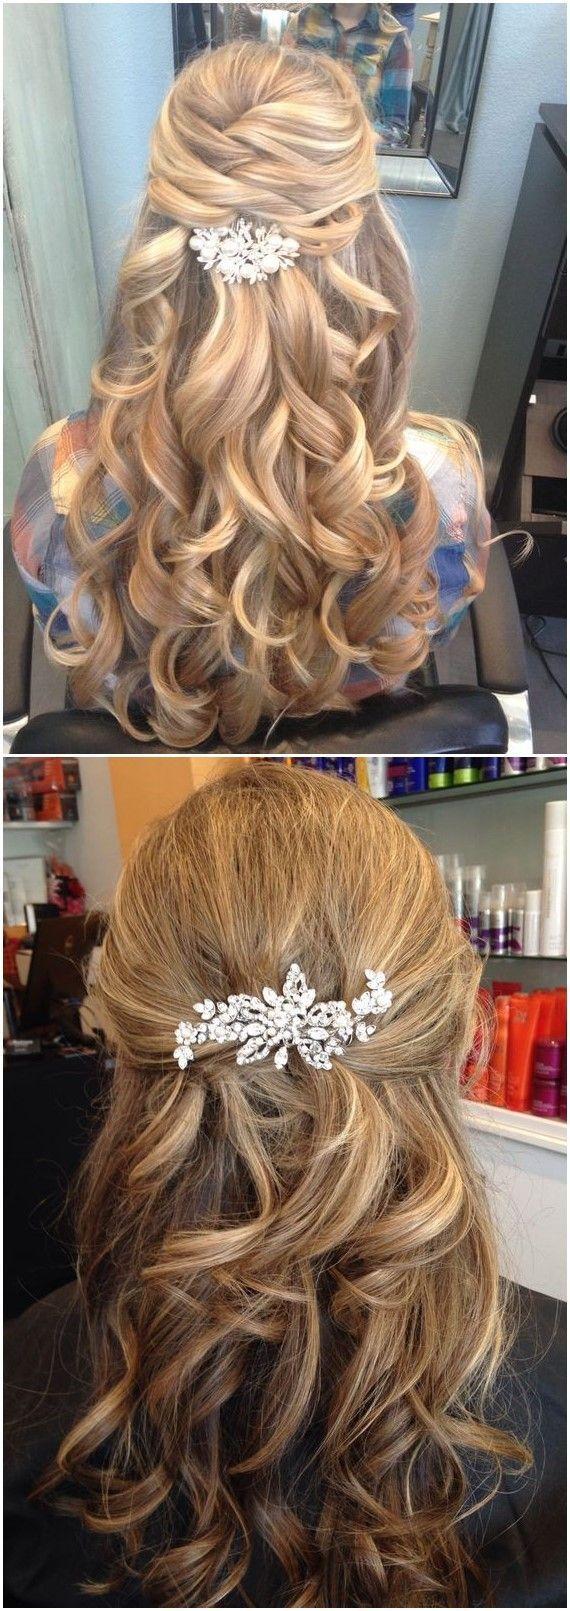 Hochzeit Frisuren »22 Half Up und Half Down Hochzeit Frisuren, um Sie Ins ..., #frisuren #hochzeit